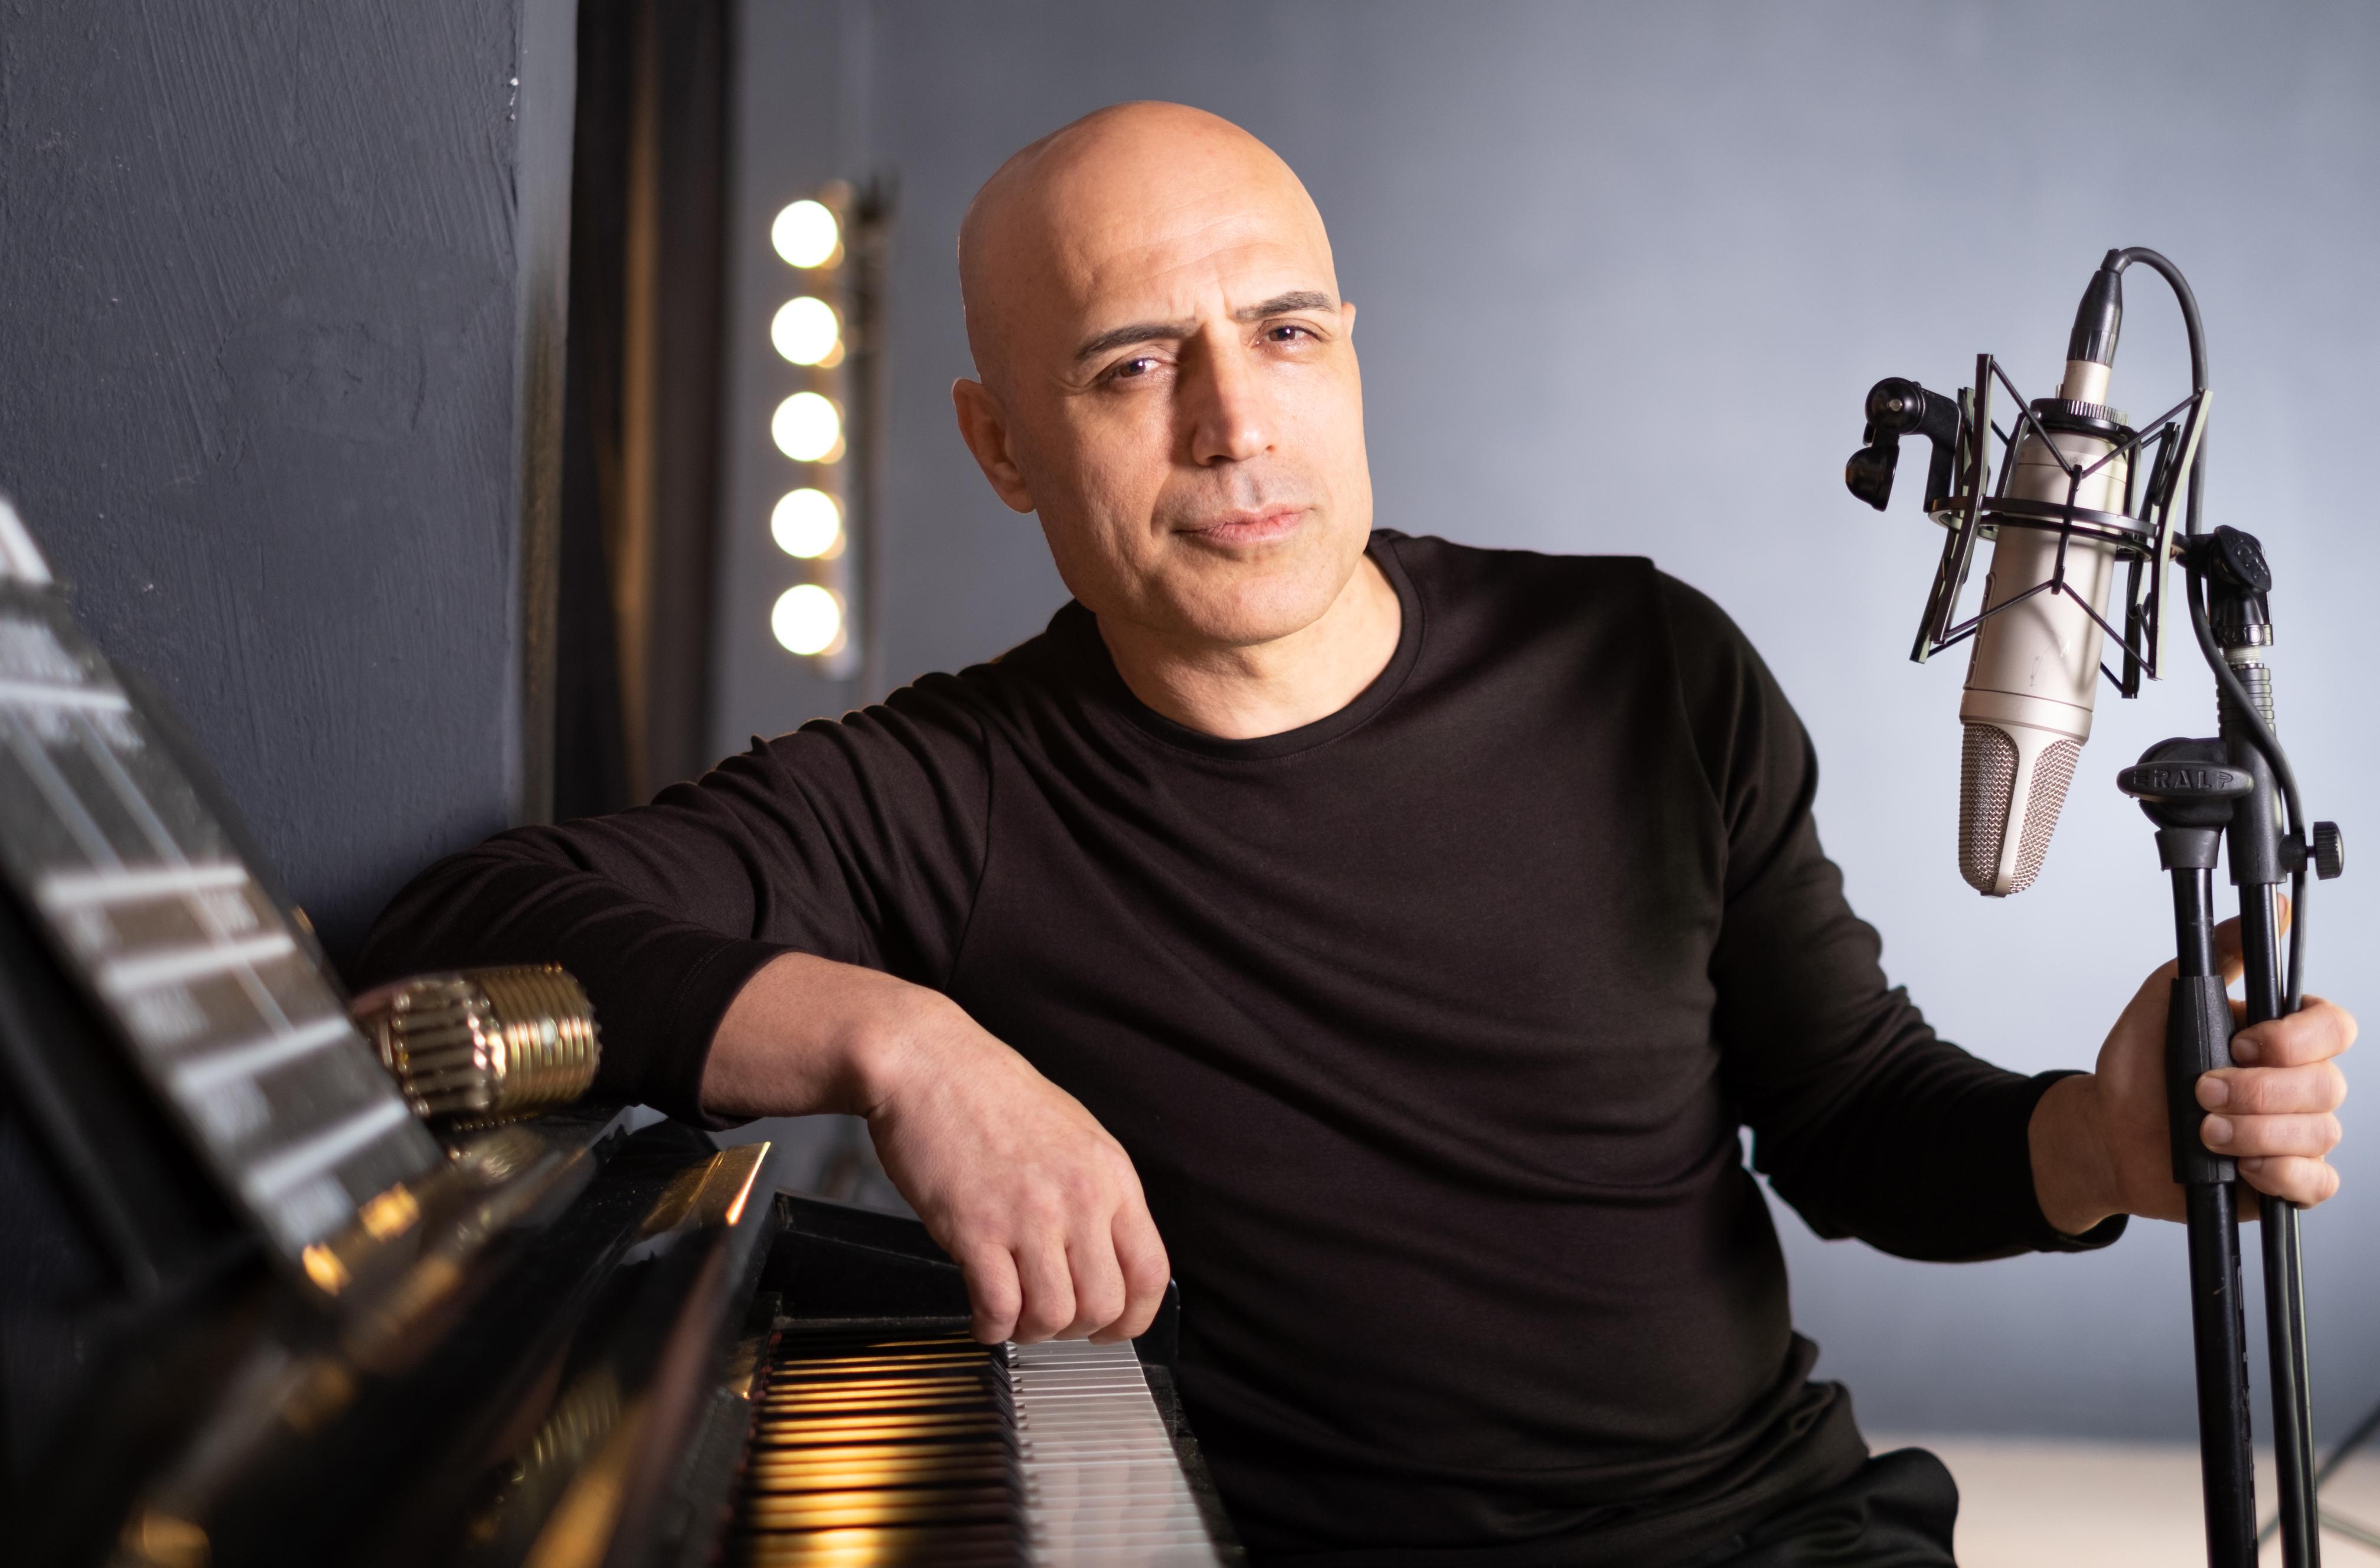 Mehmet Fatih Yalçınkaya gördüğü ilgiden memnun... Albüm öncesi 8 milyon izlenme